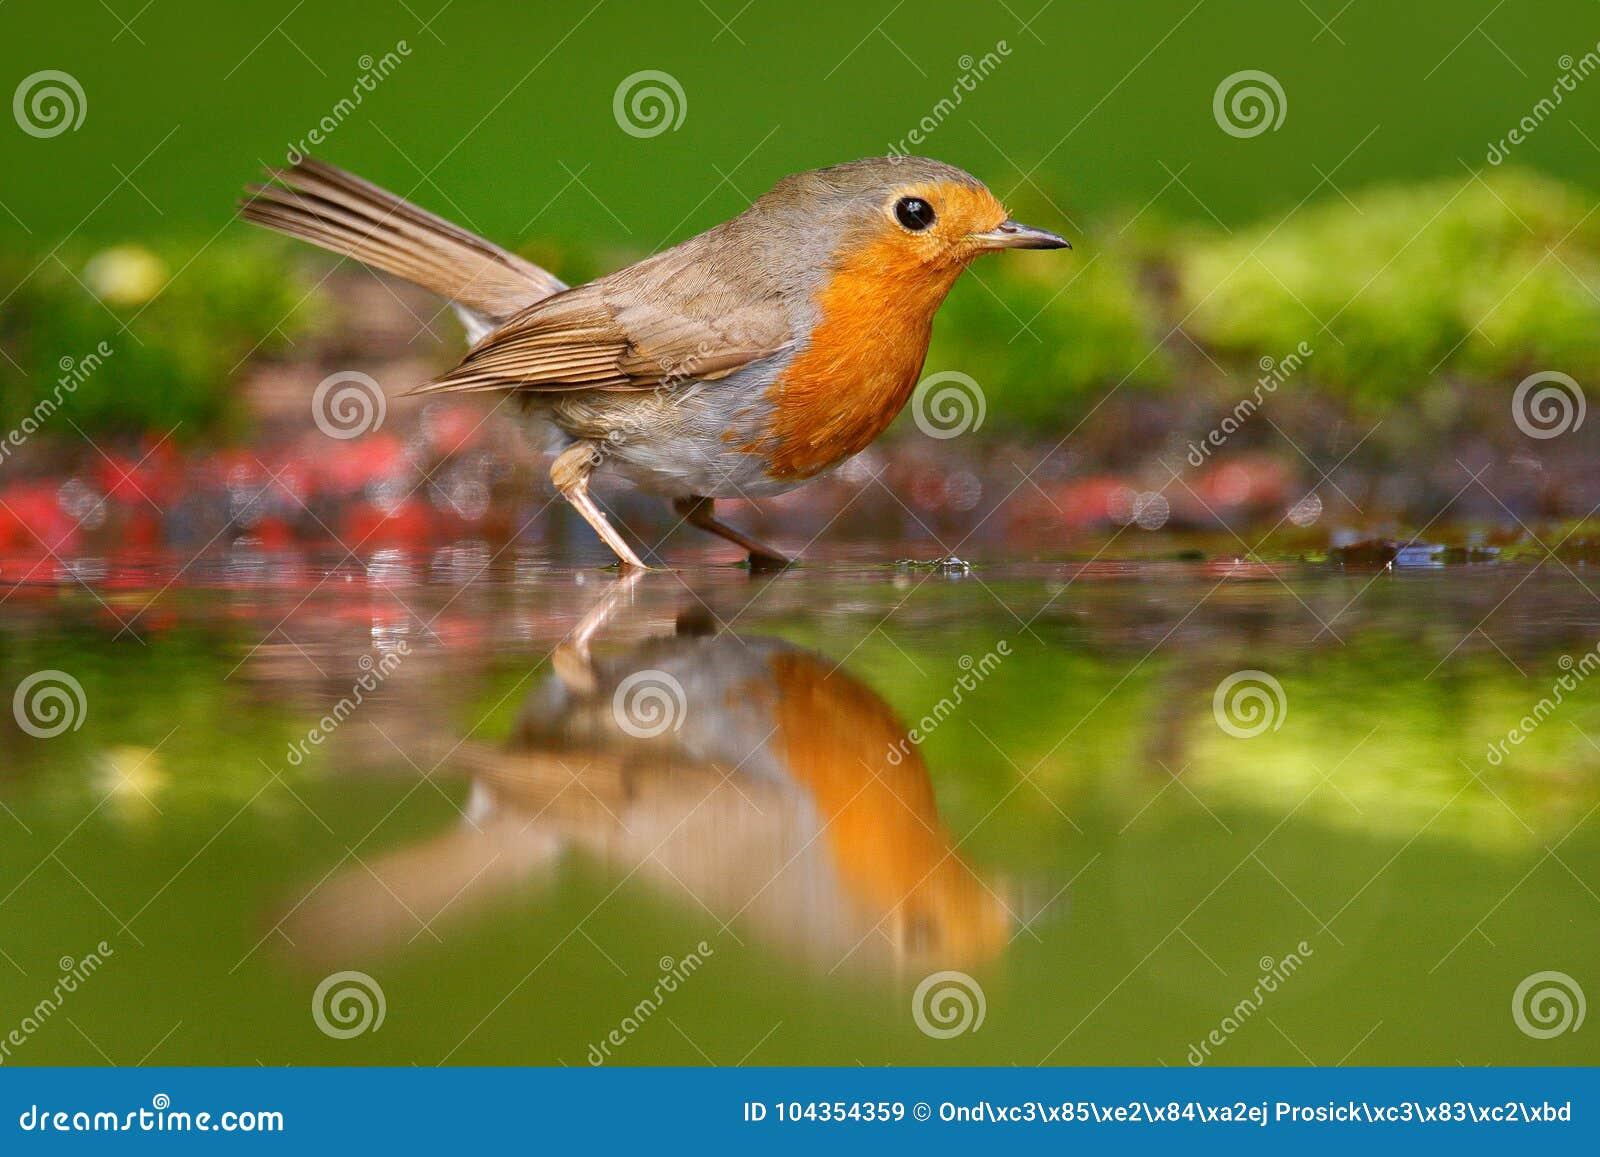 欧洲人罗宾,画眉rubecula,坐在水中,好的地衣树枝,鸟在自然栖所,春天,筑巢的蒂姆